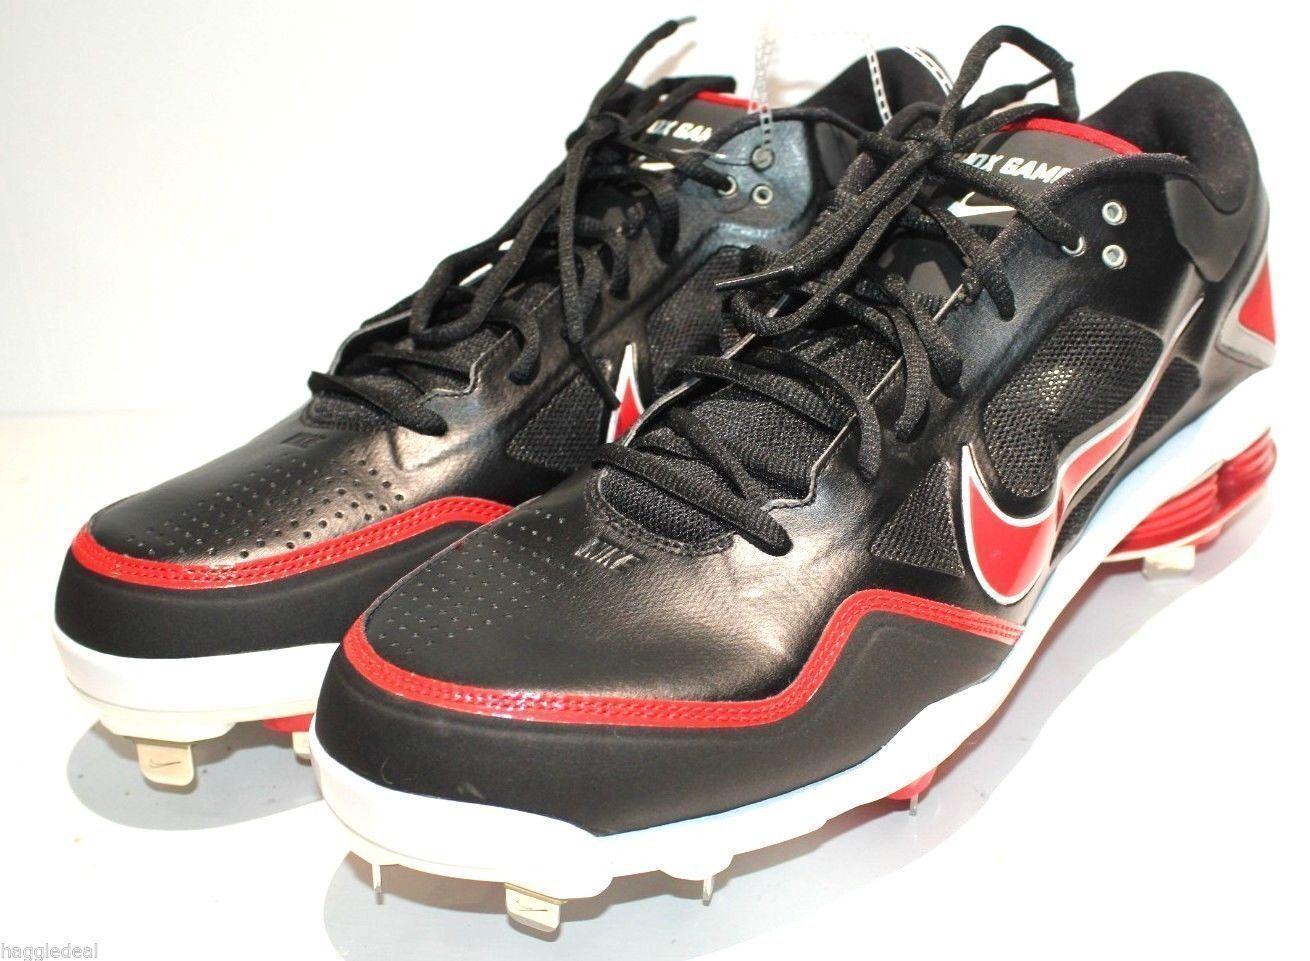 online retailer 1816e ecfbf ... Nike Nike Nike Air Shox Gamer Baseball cleat zapatos para hombres talla  16 tacos de rojo ...